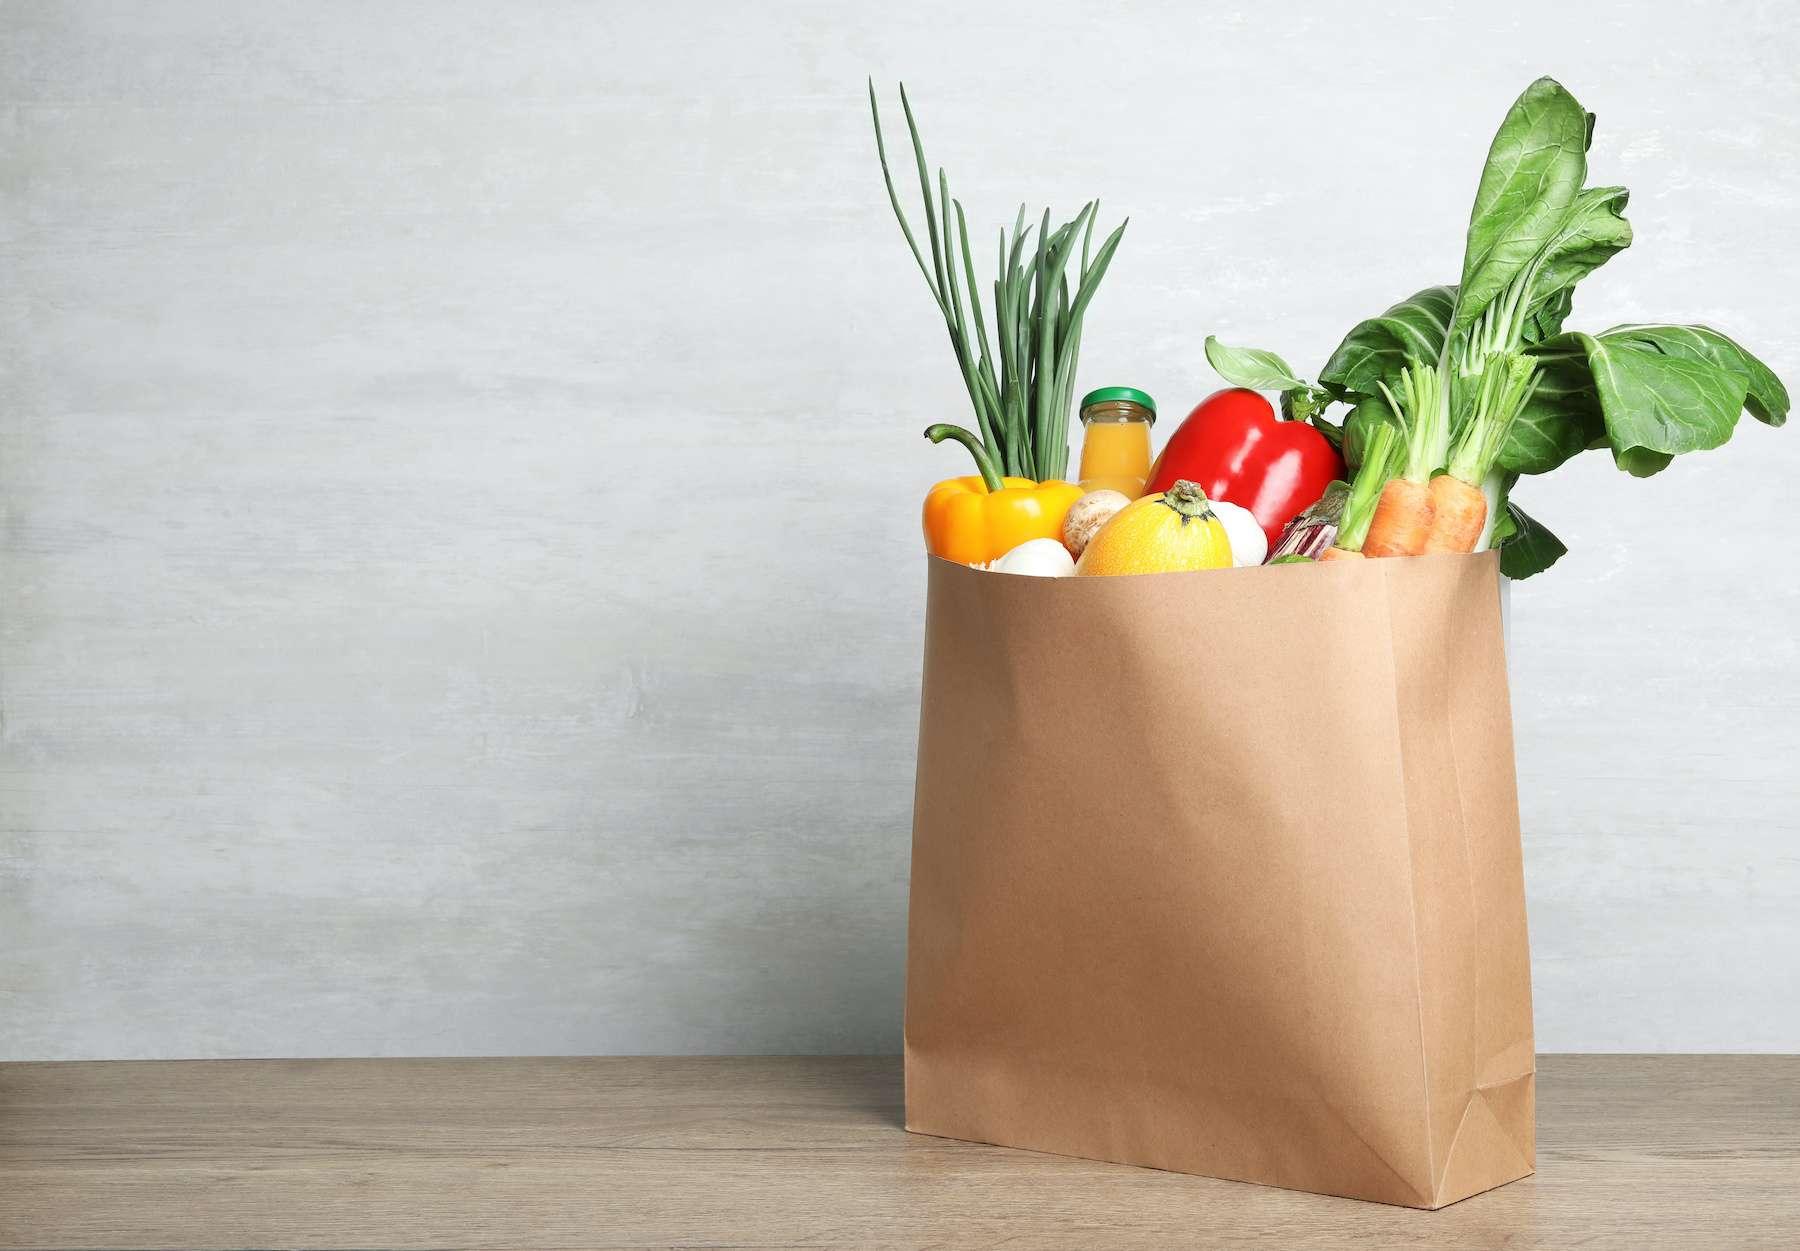 Les sacs en papier kraft ont un procédé de fabrication coûteux en carbone et éco-toxique. © New Africa, Adobe Stock